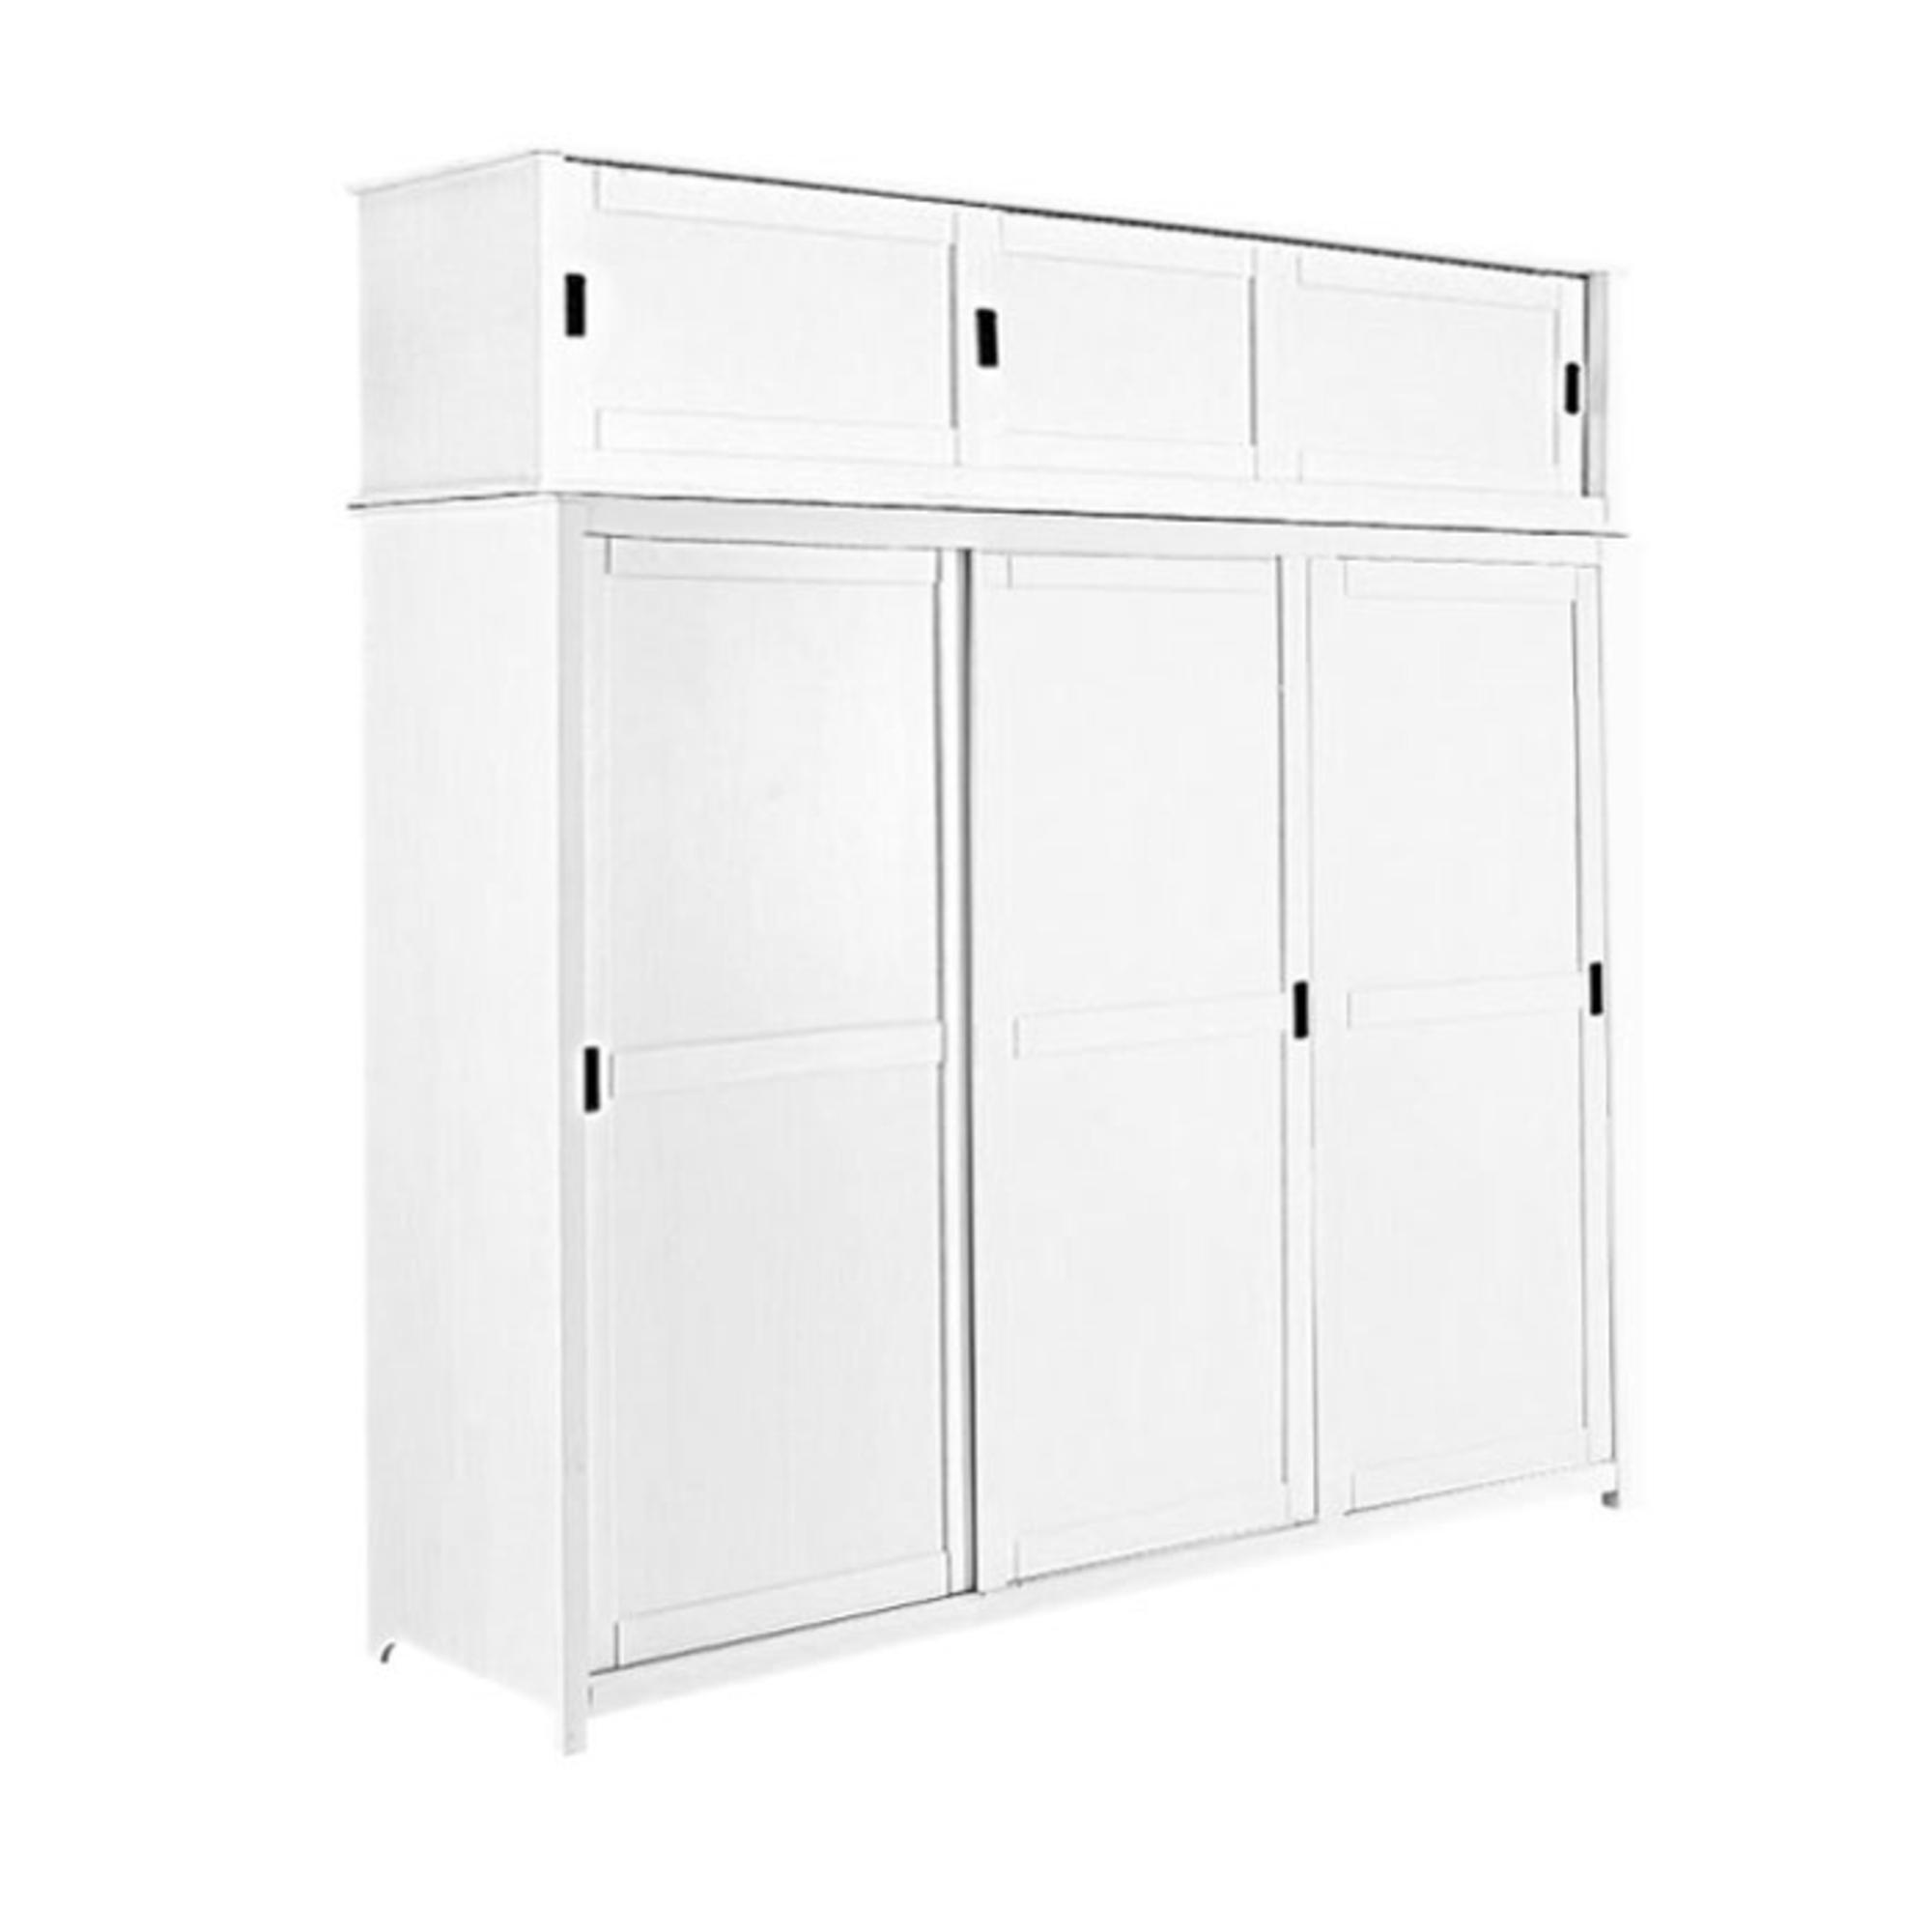 #1A1A1A Armoire 3 Portes   Surmeuble Infinie Blanc  1019 armoire portes coulissantes et surmeuble 2000x2000 px @ aertt.com